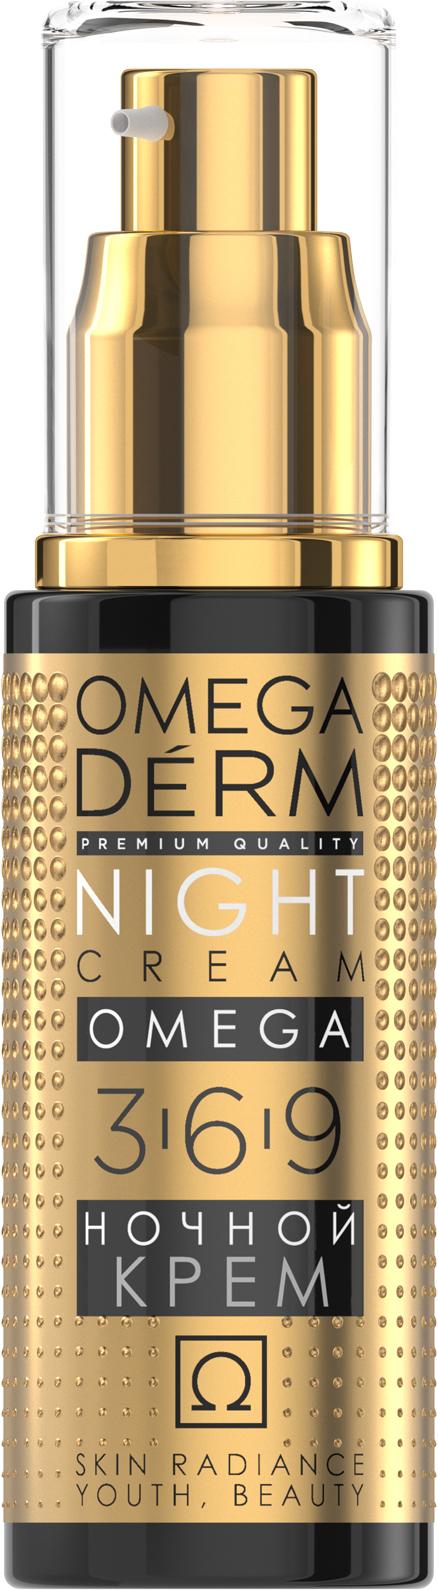 Крем для ухода за кожей OMEGADERM питающий ночной крем для лица с омега-кислотами Omega 3-6-9, 50 мл OMEGADERM